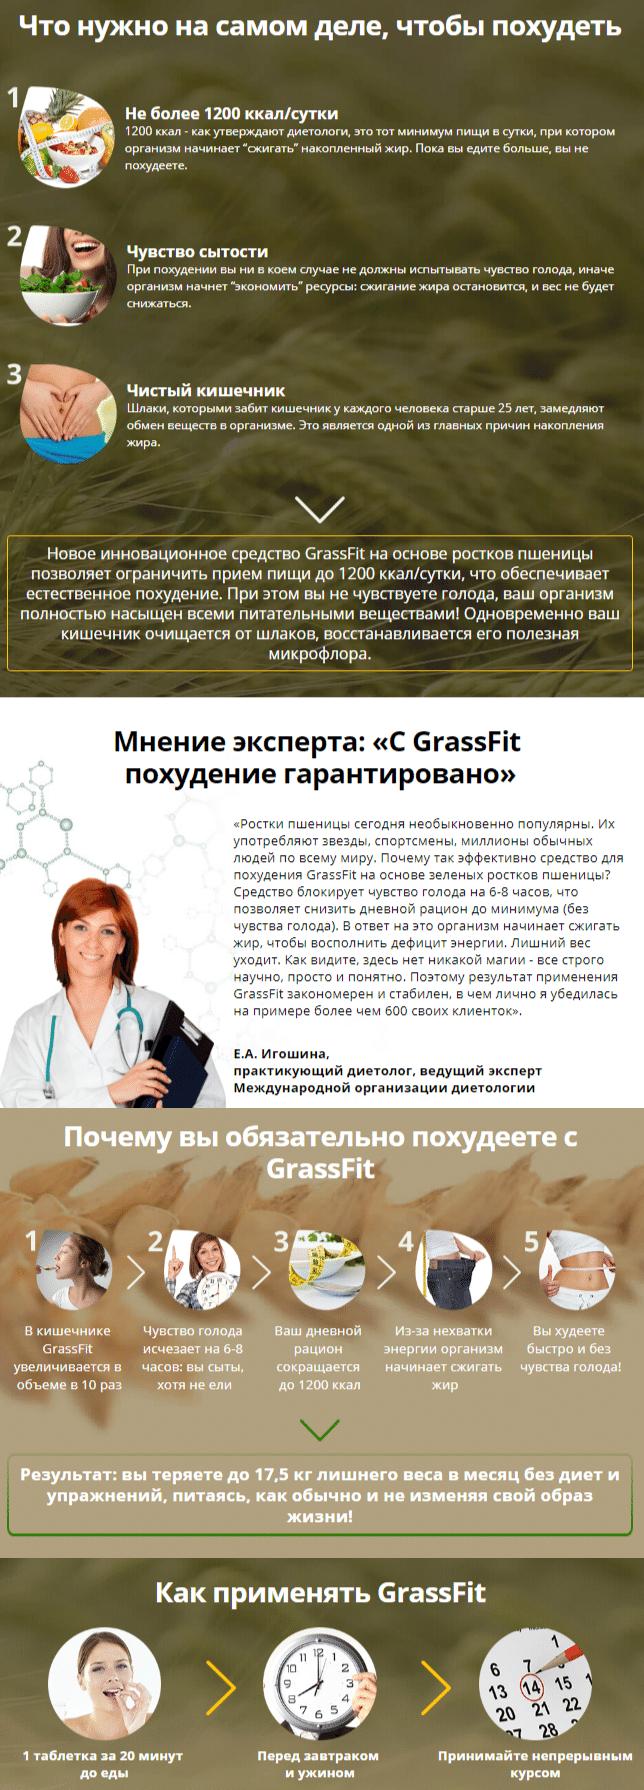 Grassfit средство для похудения купить